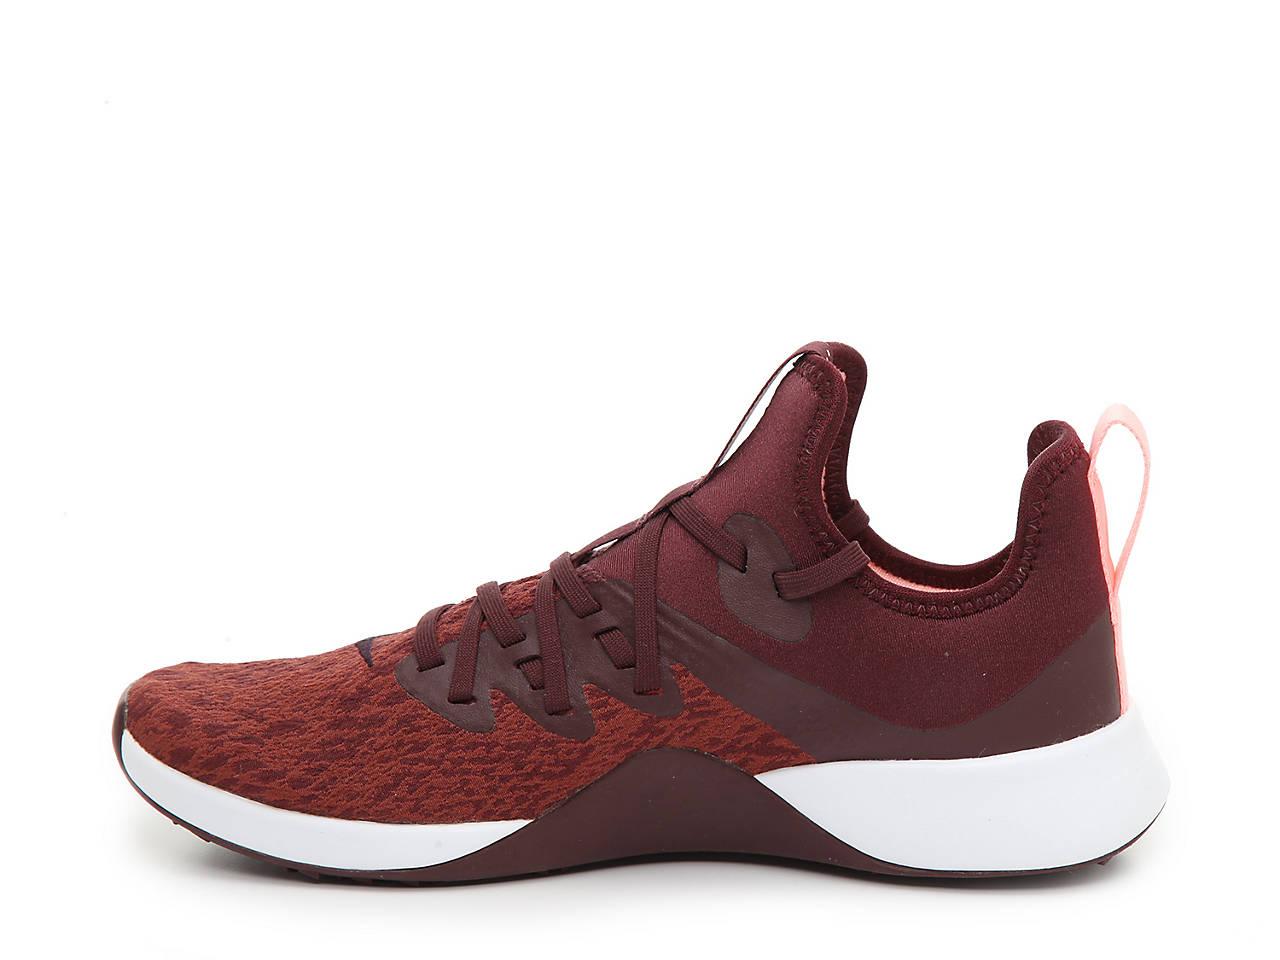 452f6f615 Nike Elite TR Lightweight Training Shoe - Women's Women's Shoes | DSW